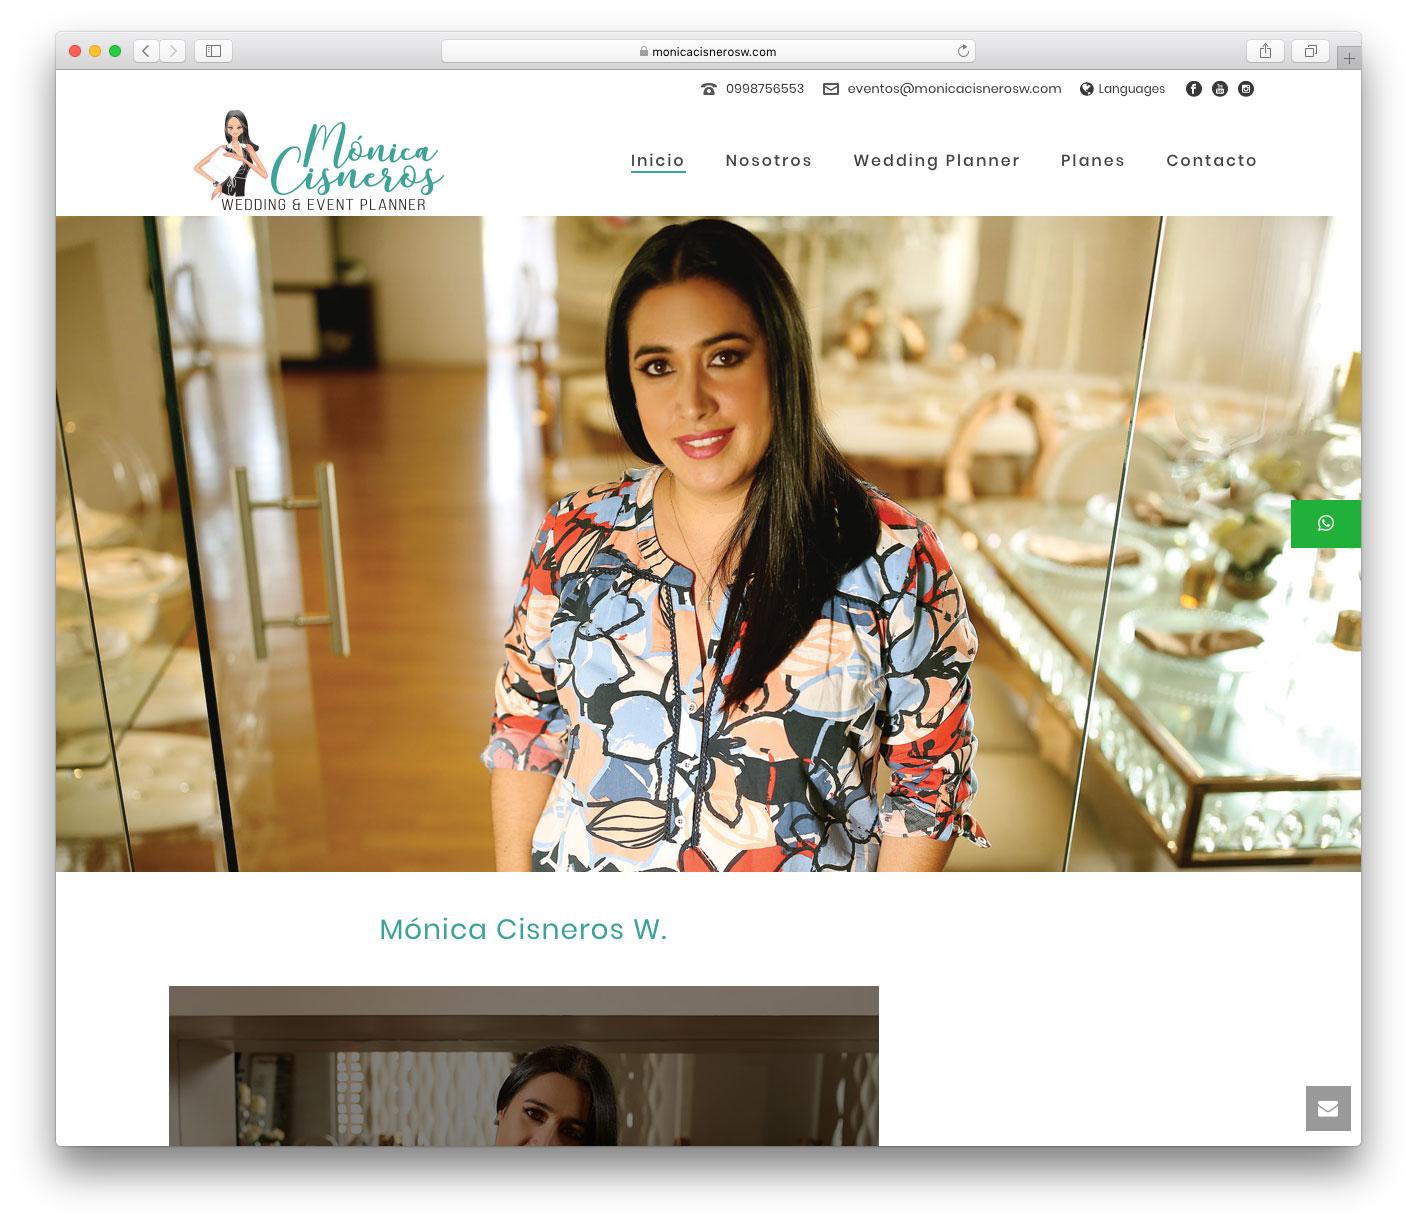 pagina-web-de-monica-cisneros-wedding-planner